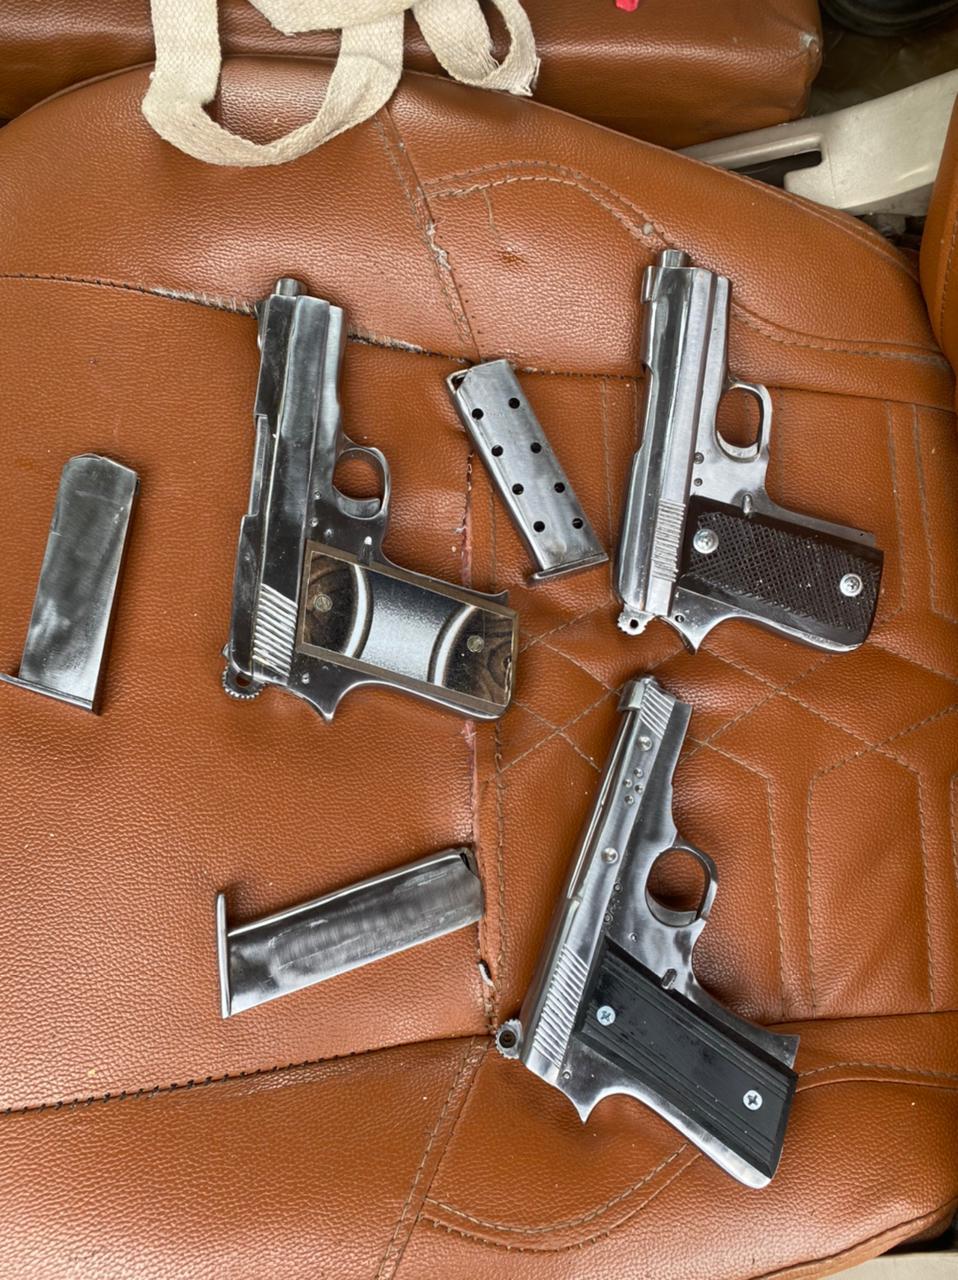 पंजाब पुलिस ने हथियारों के तस्कर स्वीटी सिंह को 3 पिस्टल के साथ नर्मदा पार करके दबोचा, पंजाब DGP बोले- देशभर में MP से सप्लाई हो रही है|खंडवा,Khandwa - Dainik Bhaskar